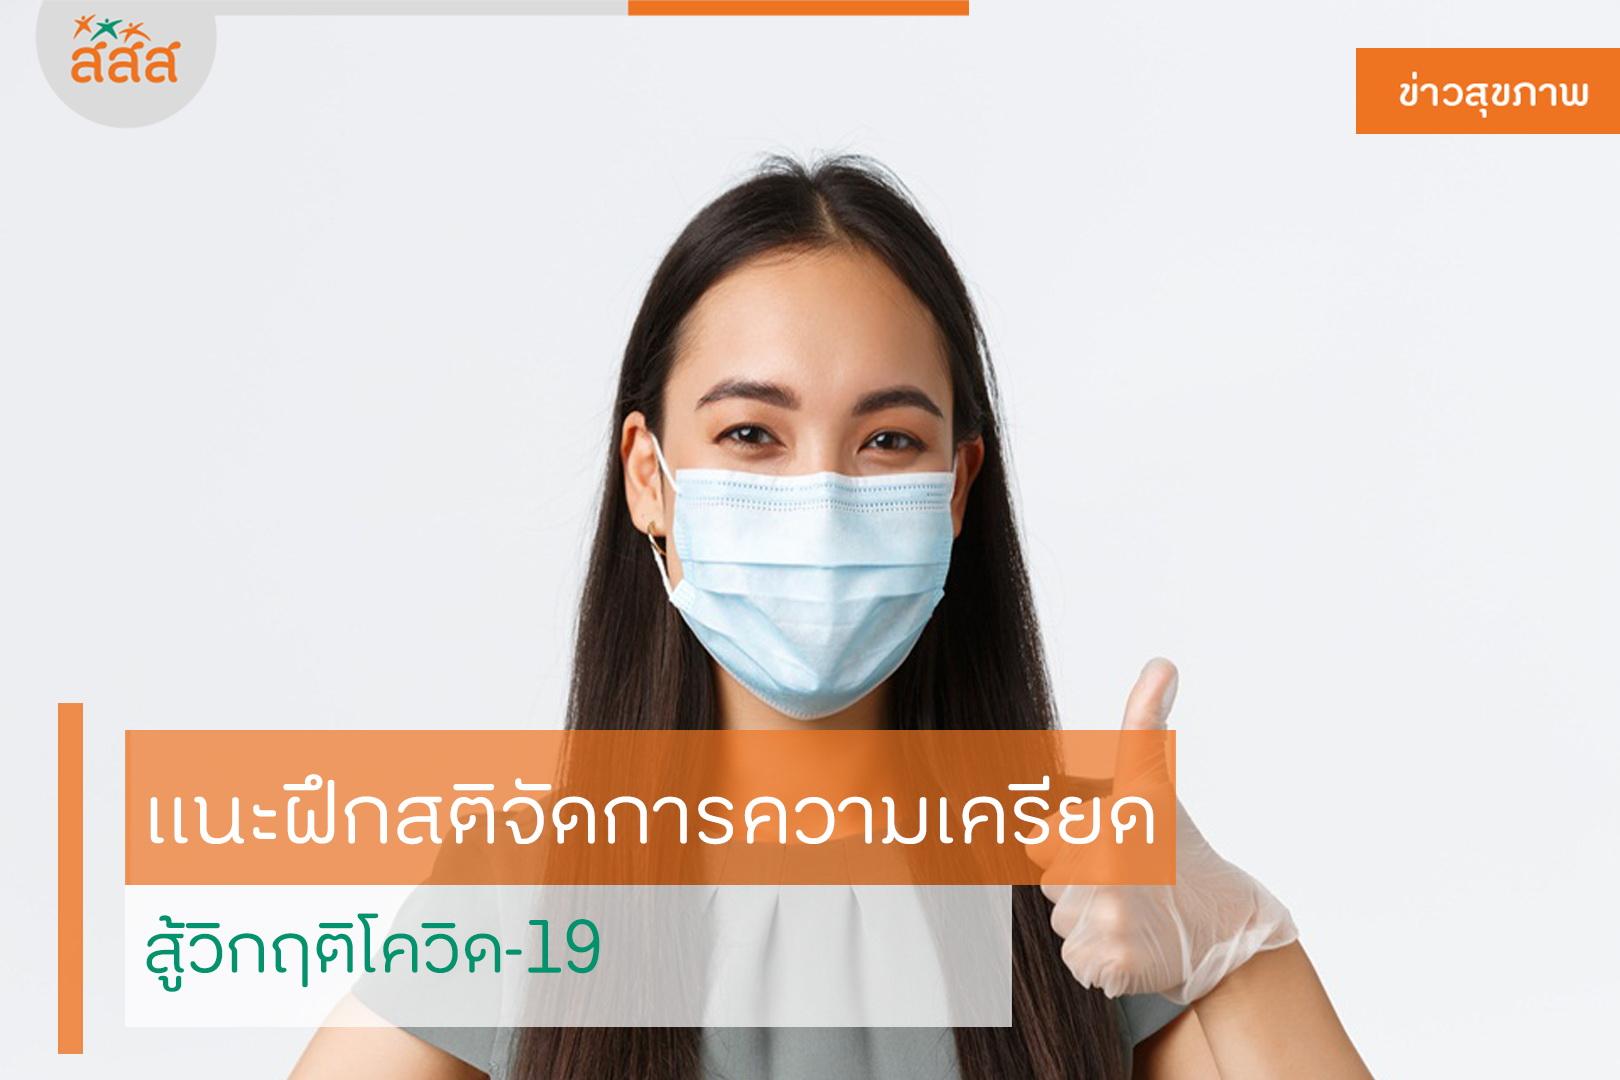 แนะฝึกสติจัดการความเครียด สู้วิกฤติโควิด-19 thaihealth